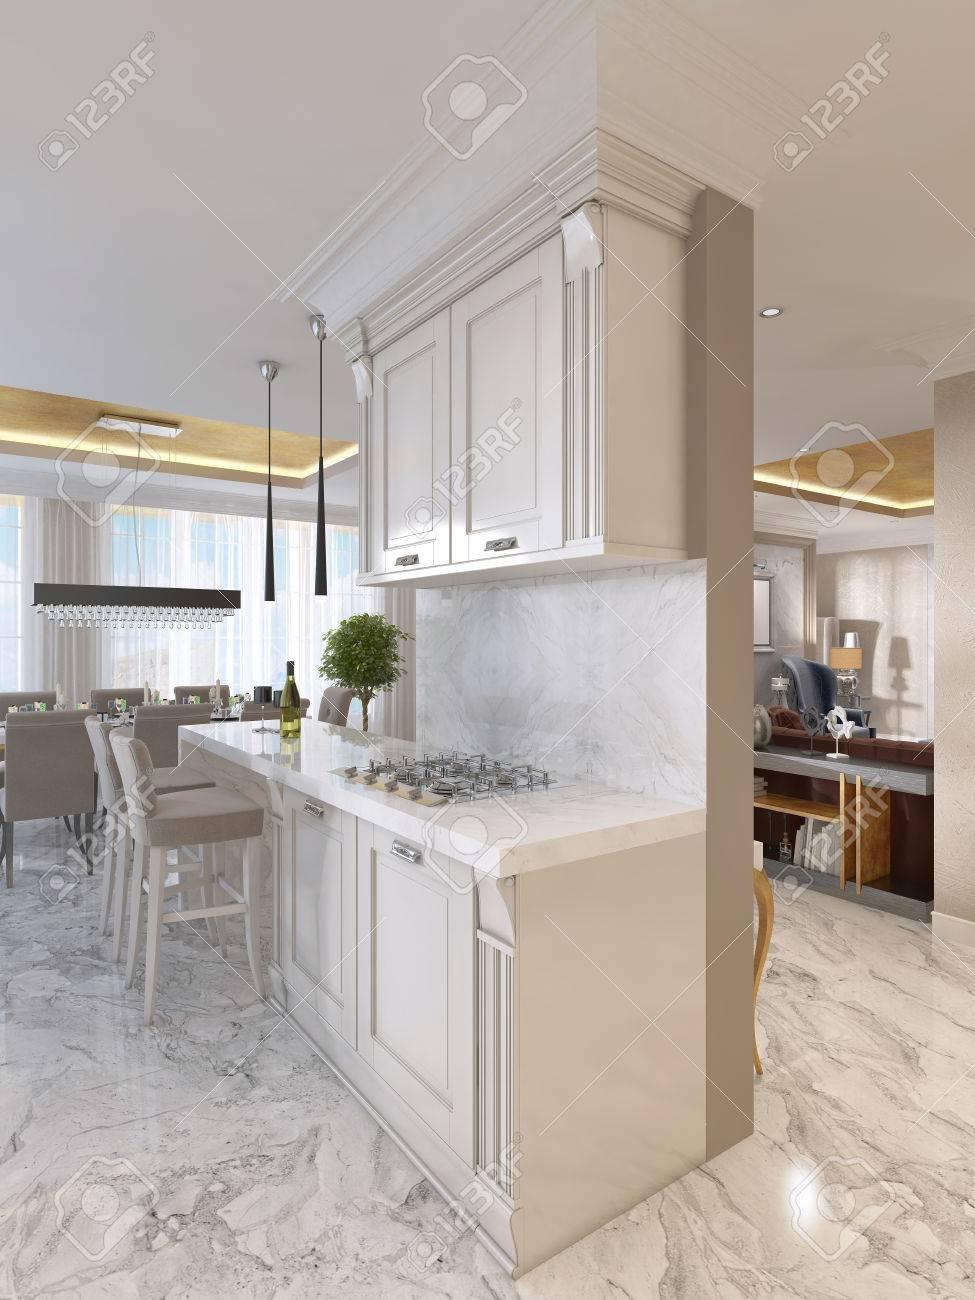 Cocina de lujo con muebles de opalina en estilo art déco. Con la barra de  desayuno y taburetes de la barra. Integrado en los aparatos de cocina.